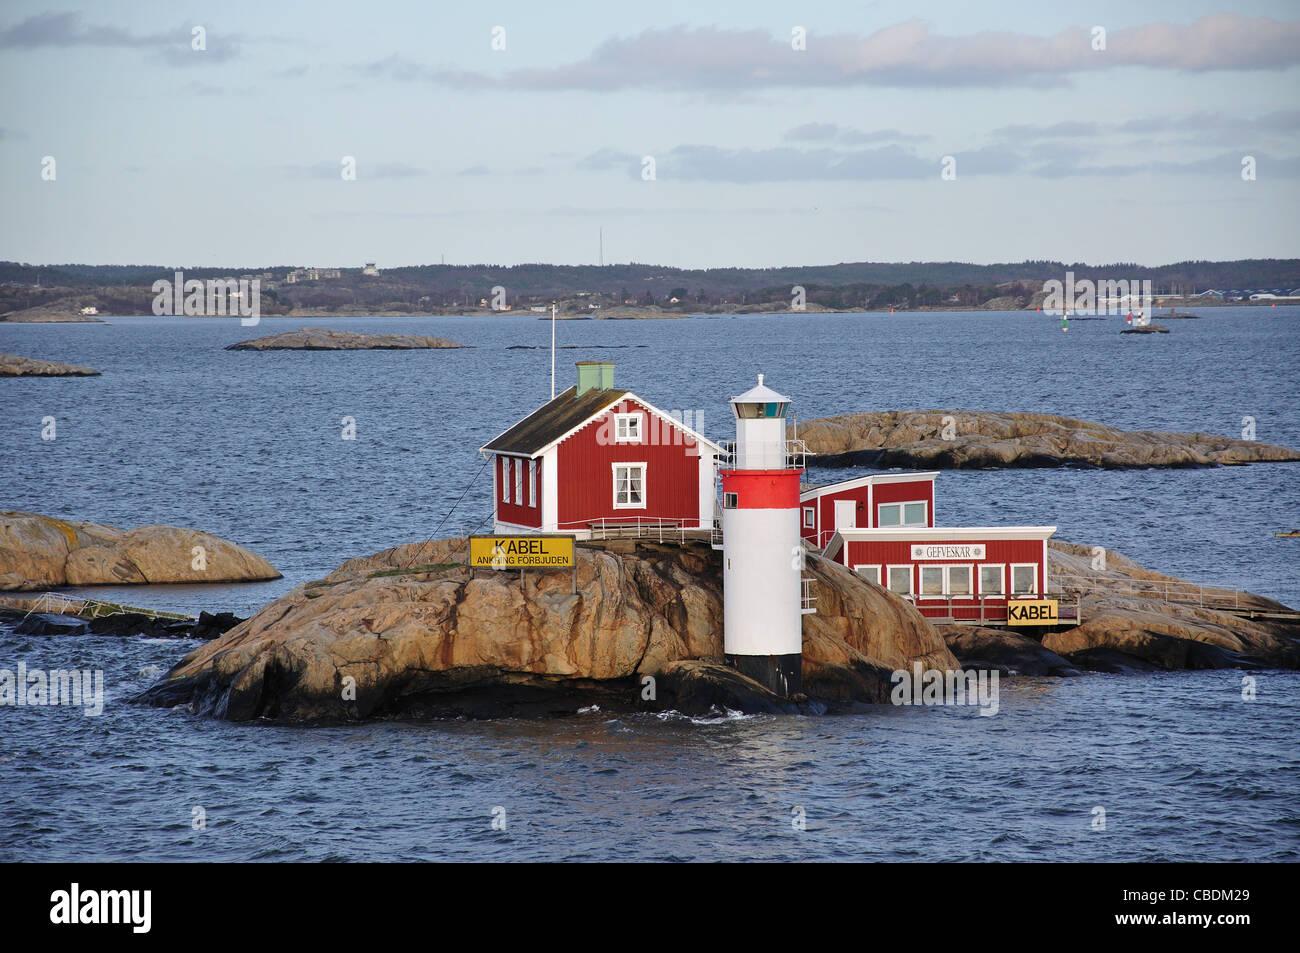 Faro de entrada al puerto de Gotemburgo, en Gotemburgo, en la provincia de Västergötland & Bohuslän, Reino de Suecia Foto de stock